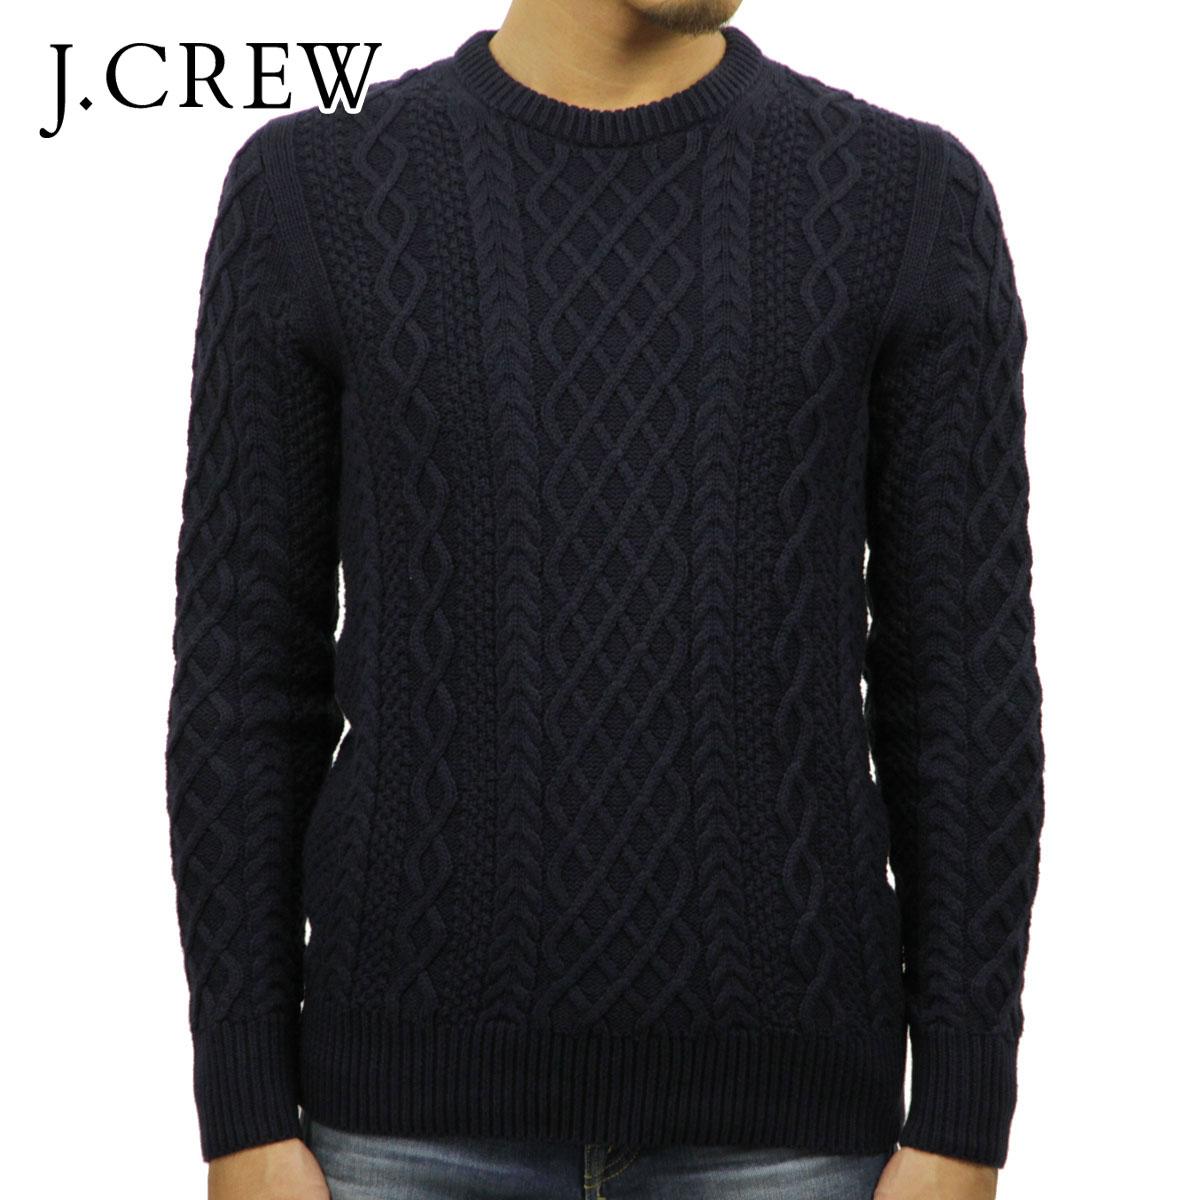 ジェイクルー セーター メンズ 正規品 J.CREW FISHERMAN CABLE CREWNECK SWEATER